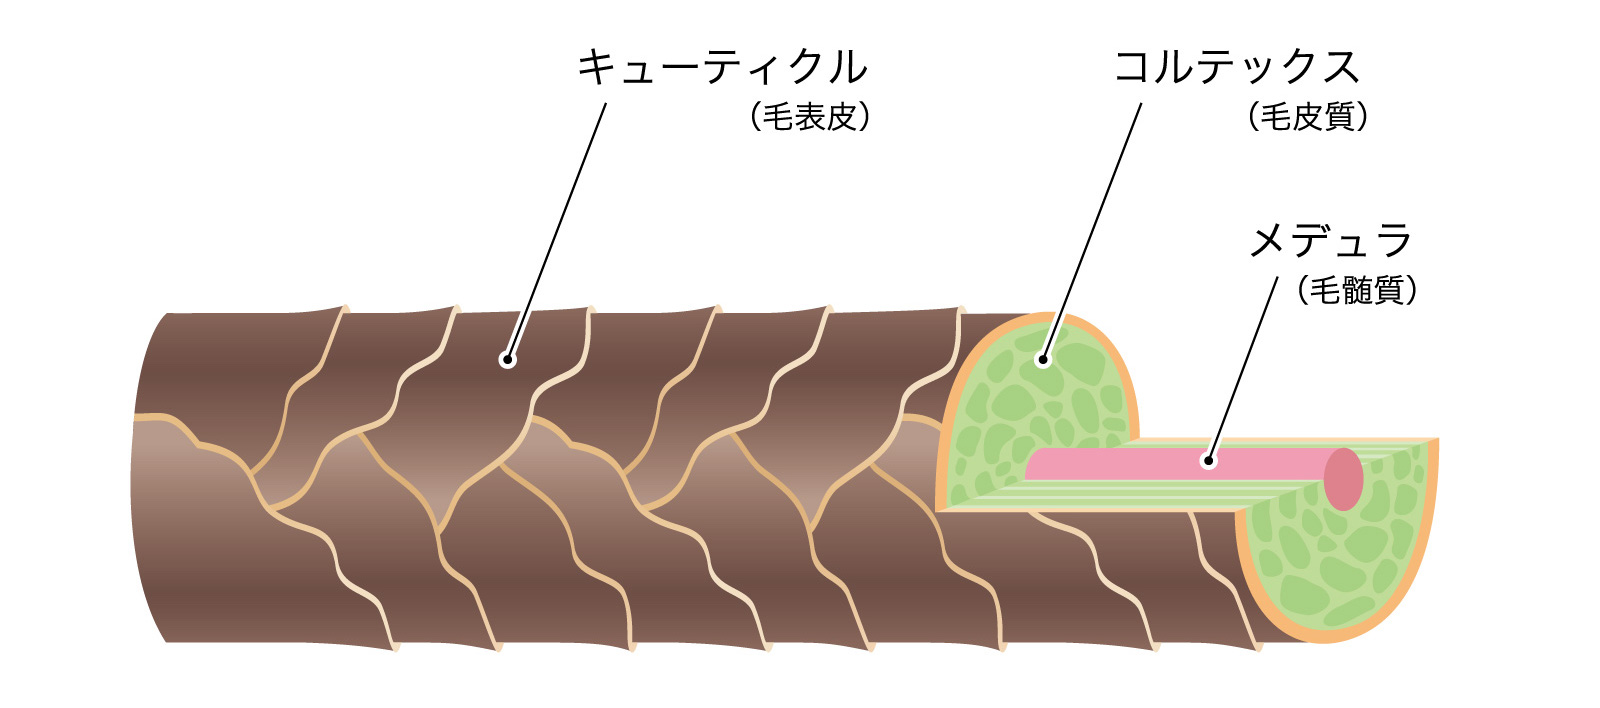 髪の髪の三層構造